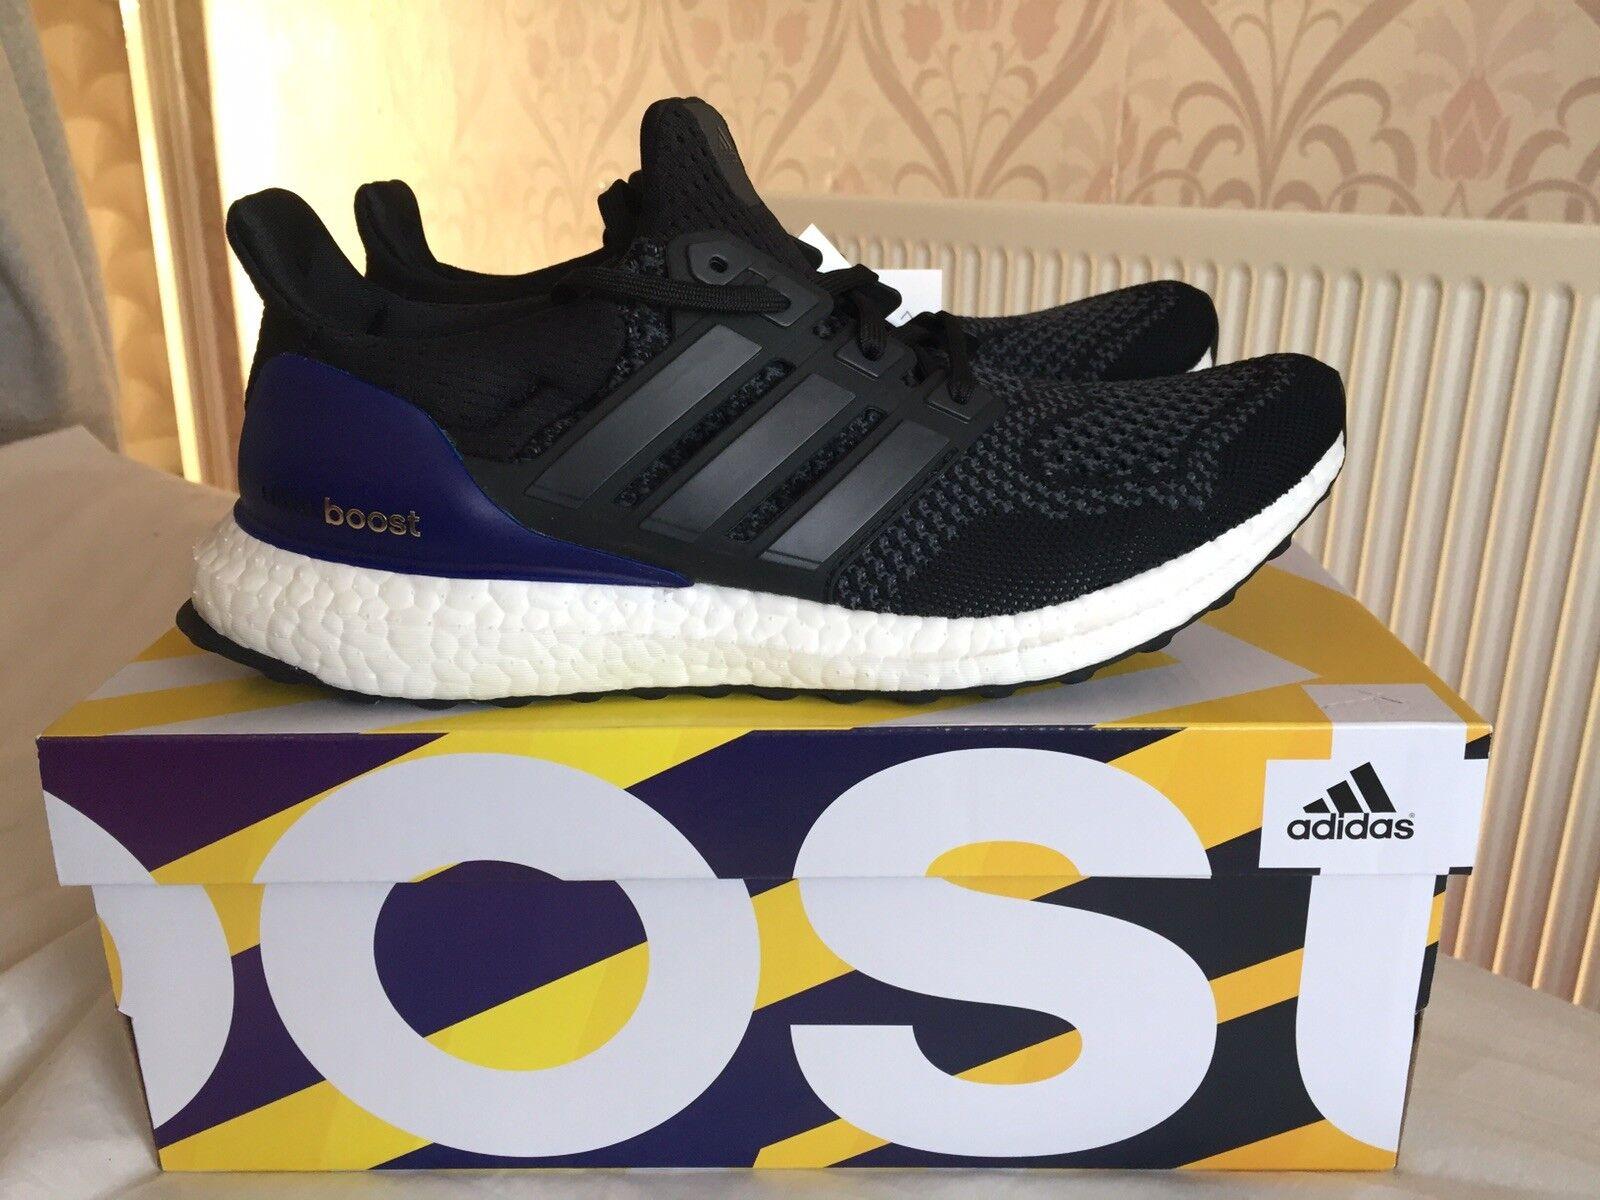 BNIB Adidas Ultra Boost 1.0 LTD OG negro púrpura US 7.5  3 Ultraboost